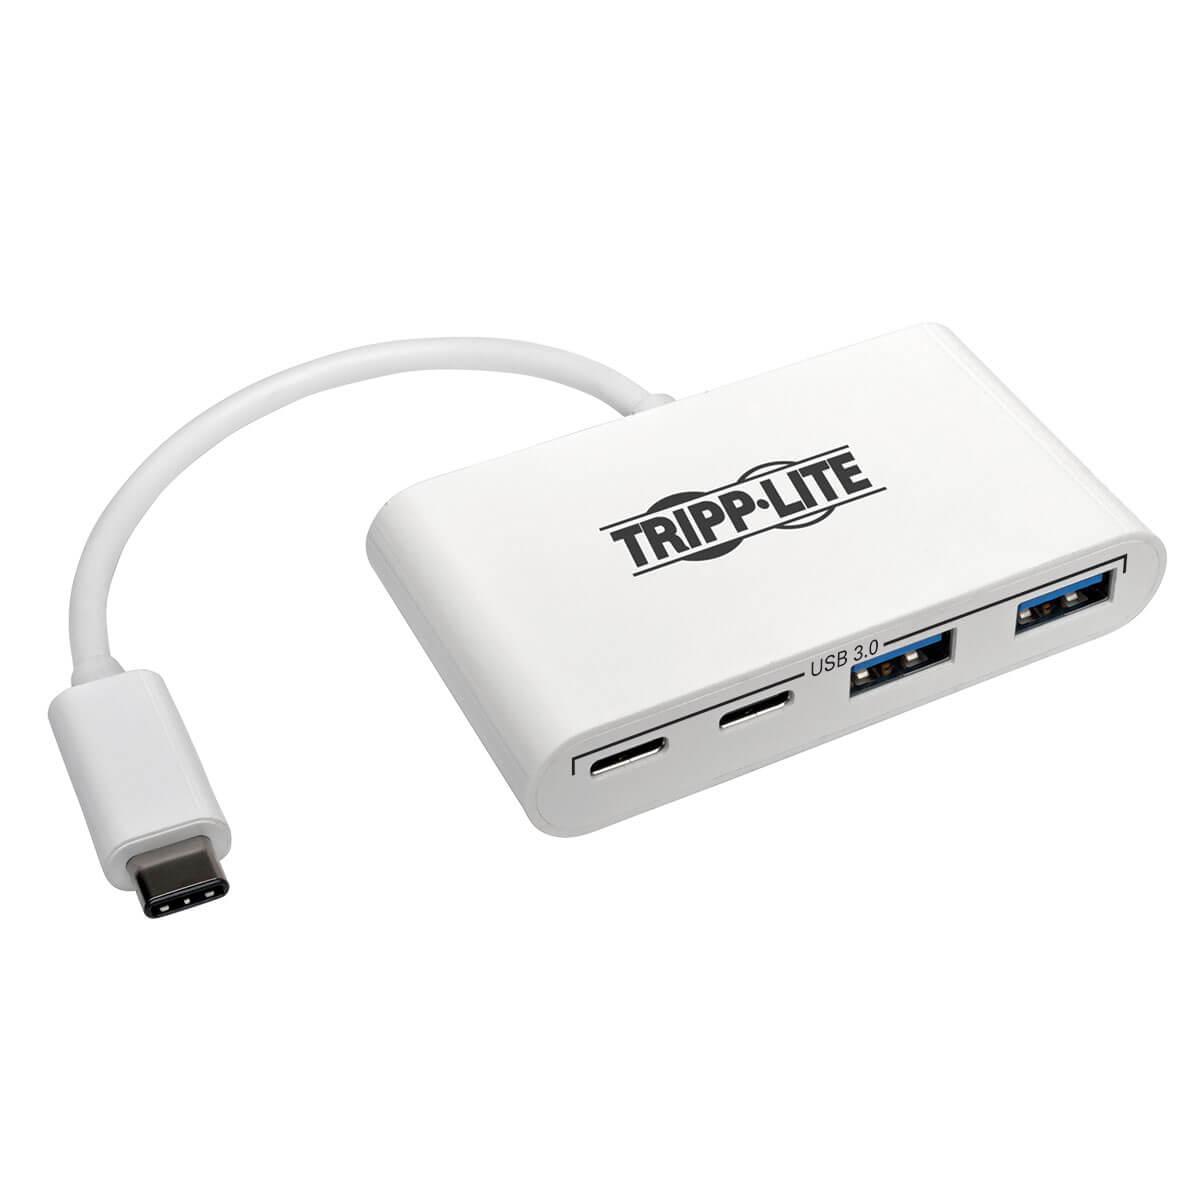 Расширитель USB TrippLite (U460-004-2A2C)